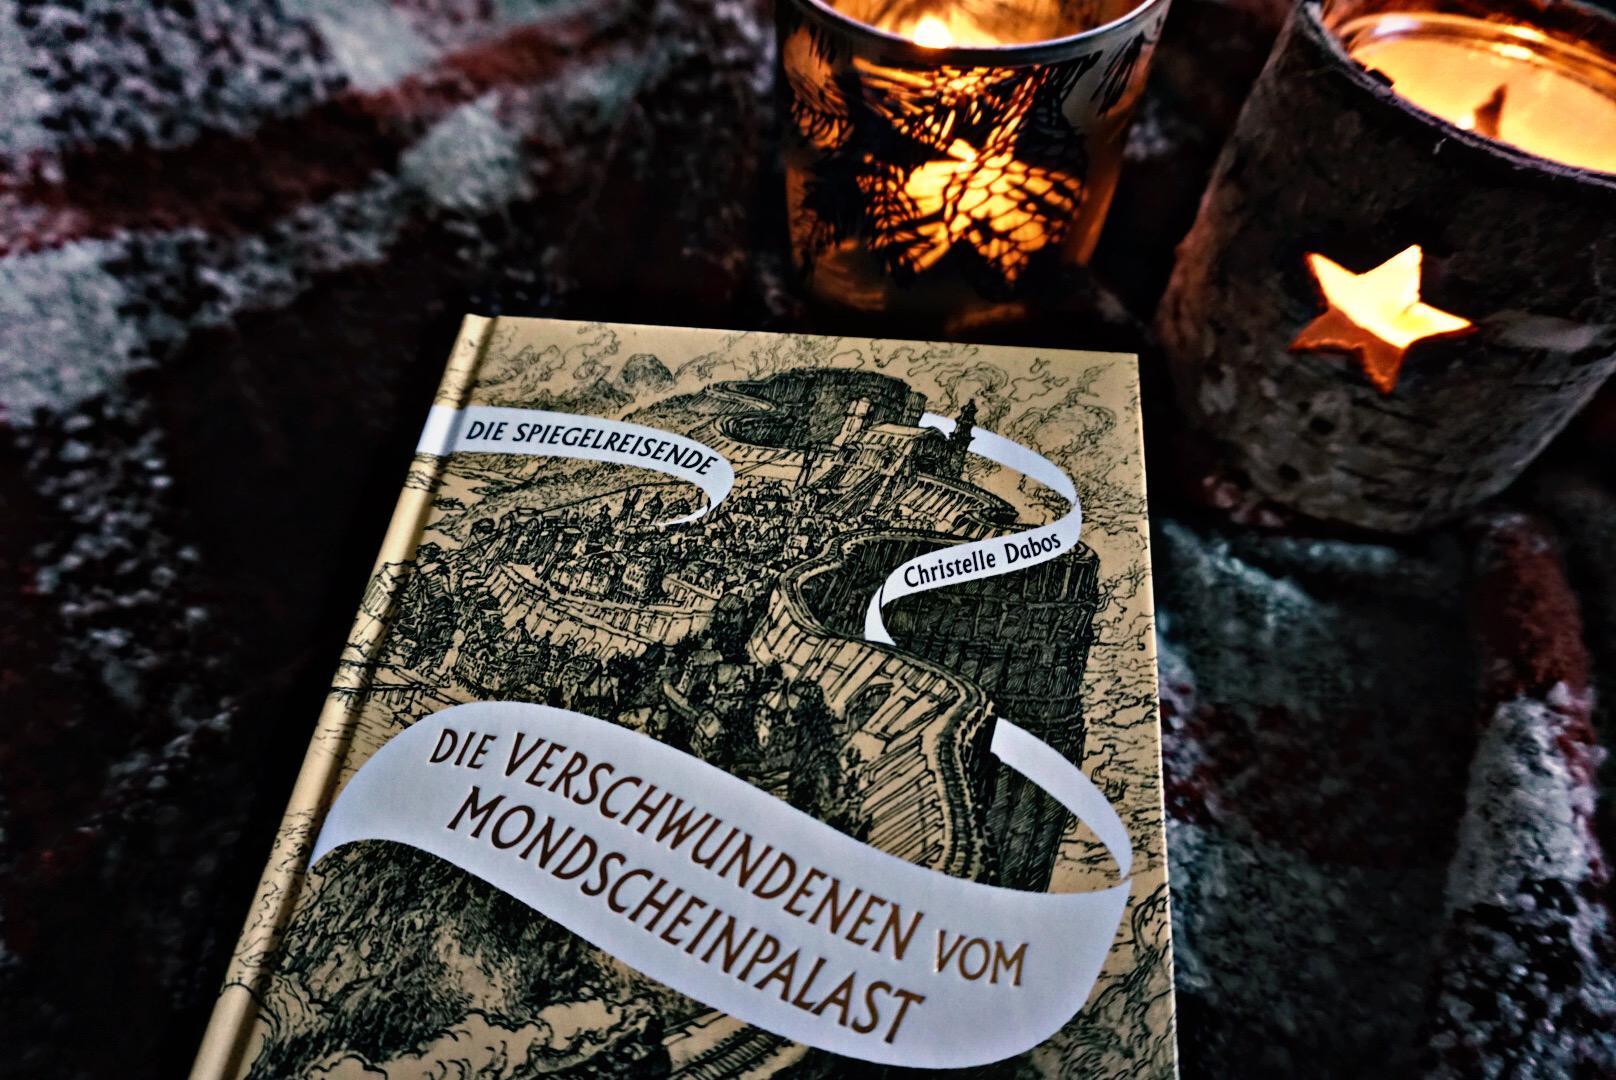 Die Spiegelreisende: Die Verschwundenen vom Mondscheinpalast – Christelle Dabos